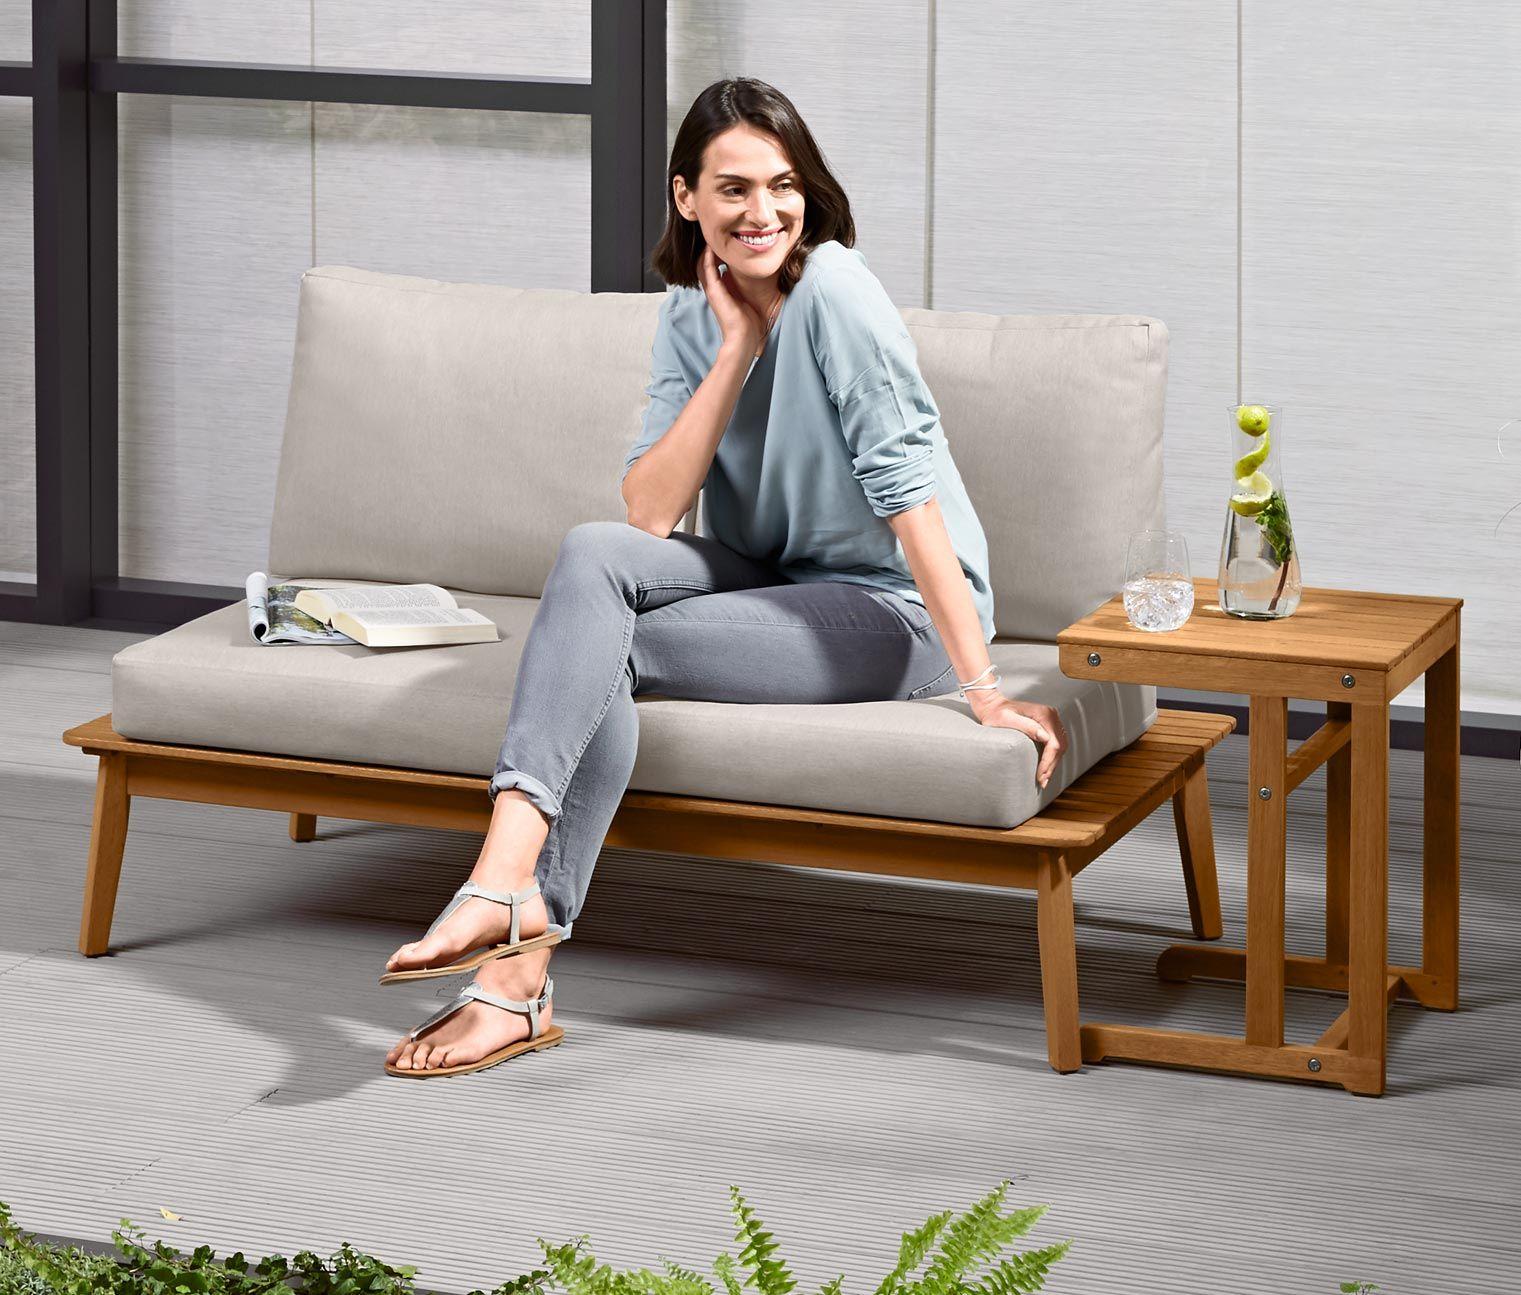 Full Size of Komfort Gartensofa Tchibo 2 In 1 Inkl Beistelltisch Mit Bildern Wohnzimmer Gartensofa Tchibo